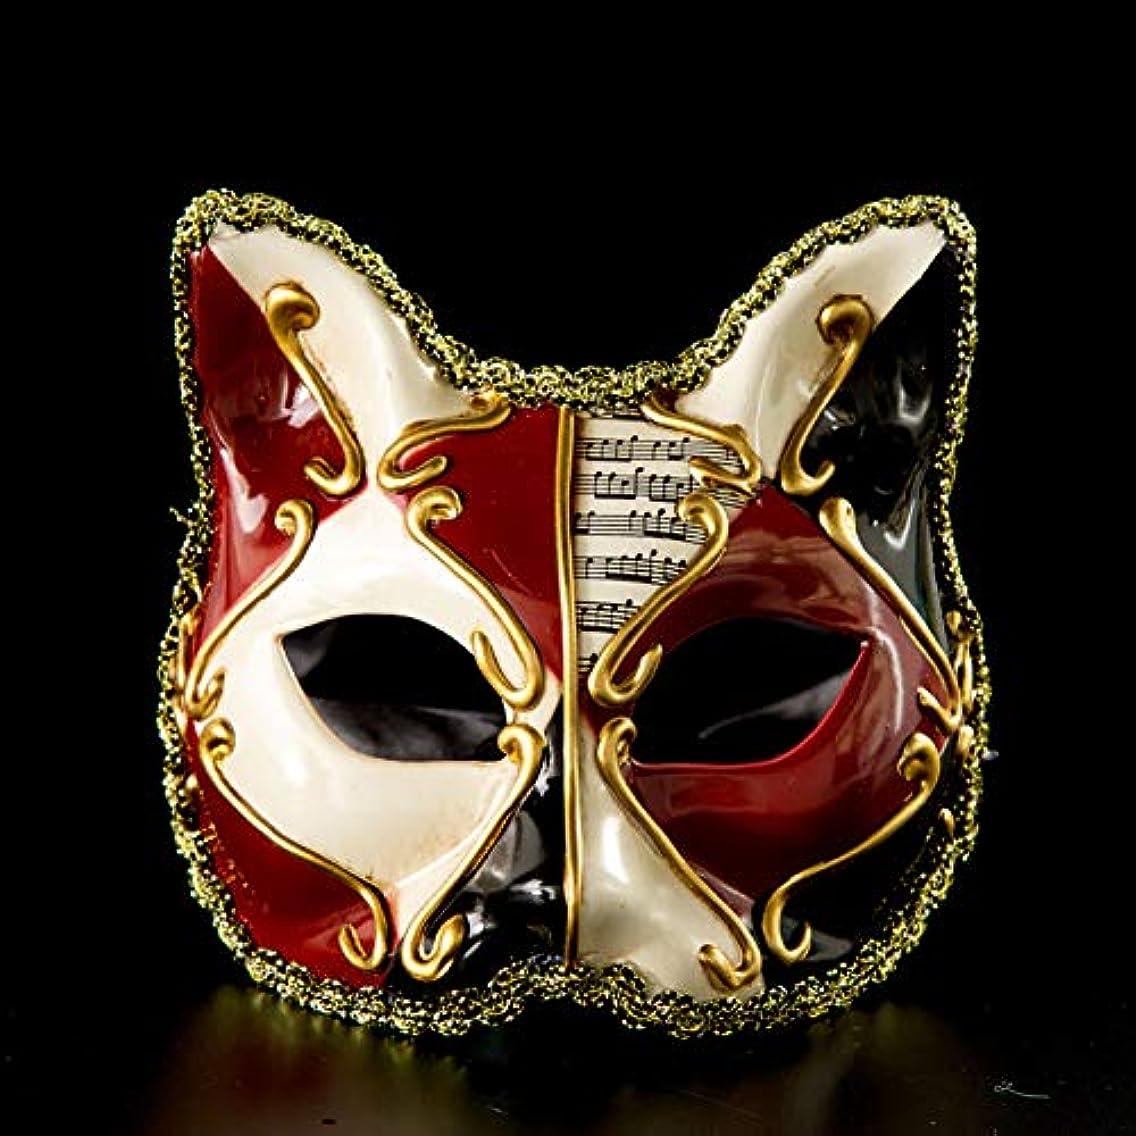 スイマウントトリッキーマスクベネチアン子猫マスク子供仮装ボールパーティー,赤